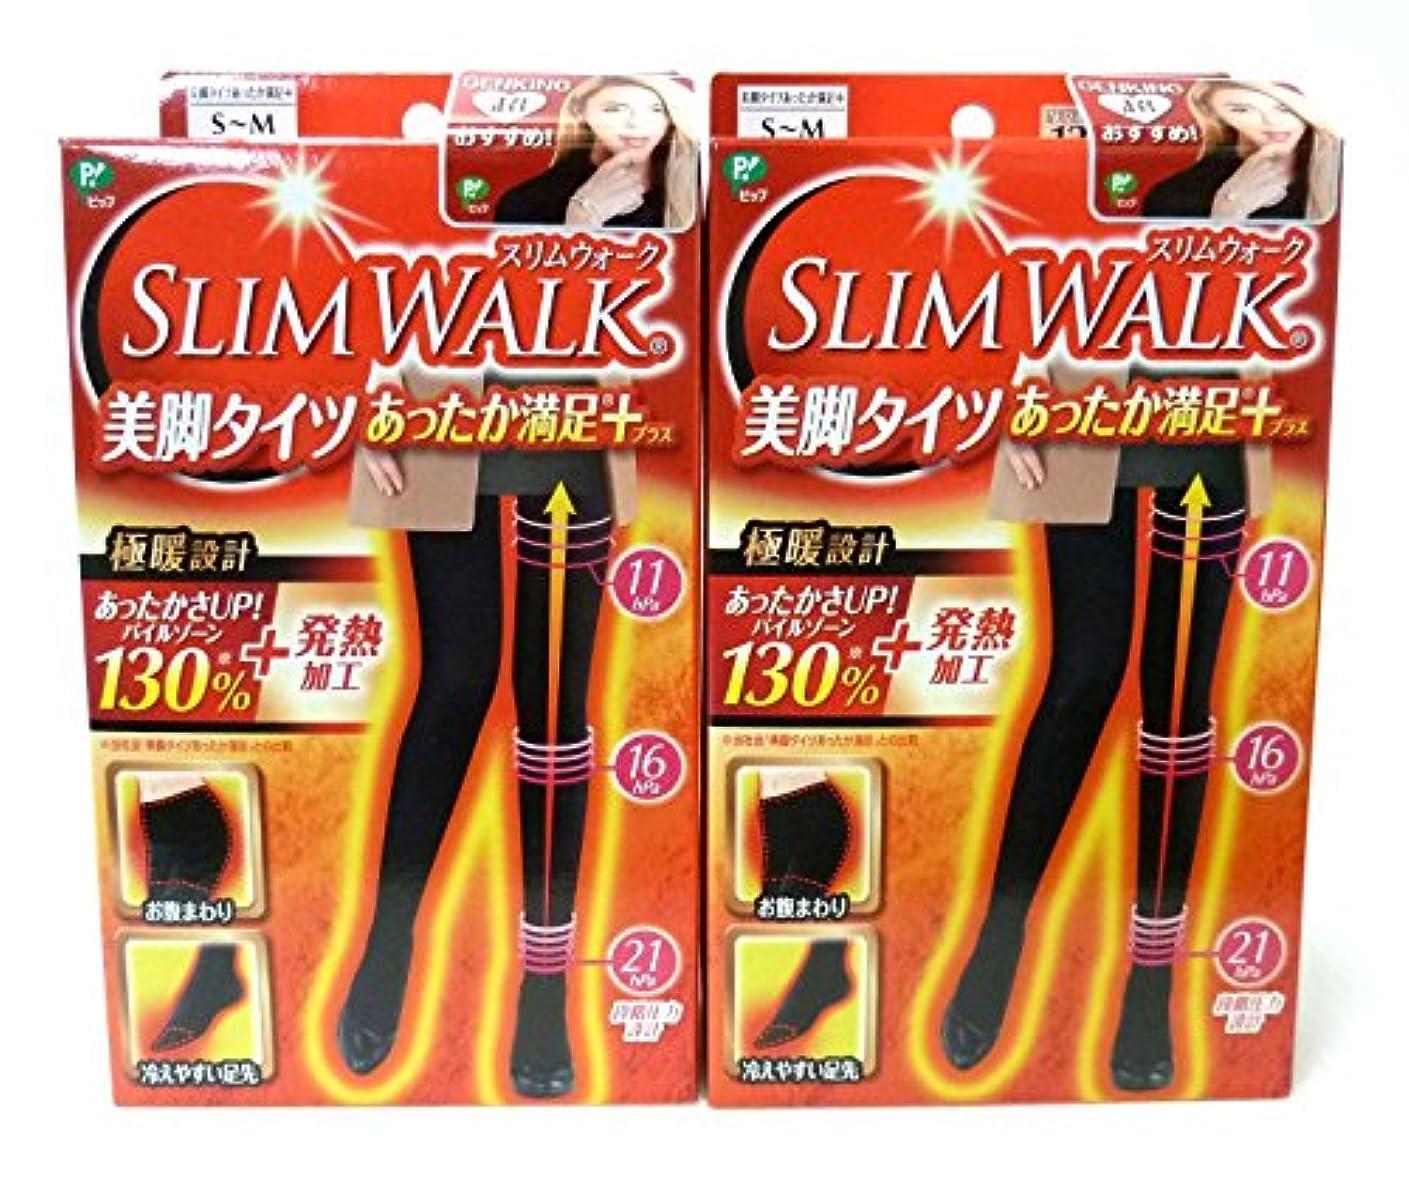 ごめんなさい不実施設スリムウォーク 美脚タイツあったか満足プラス S-Mサイズ ブラック2個